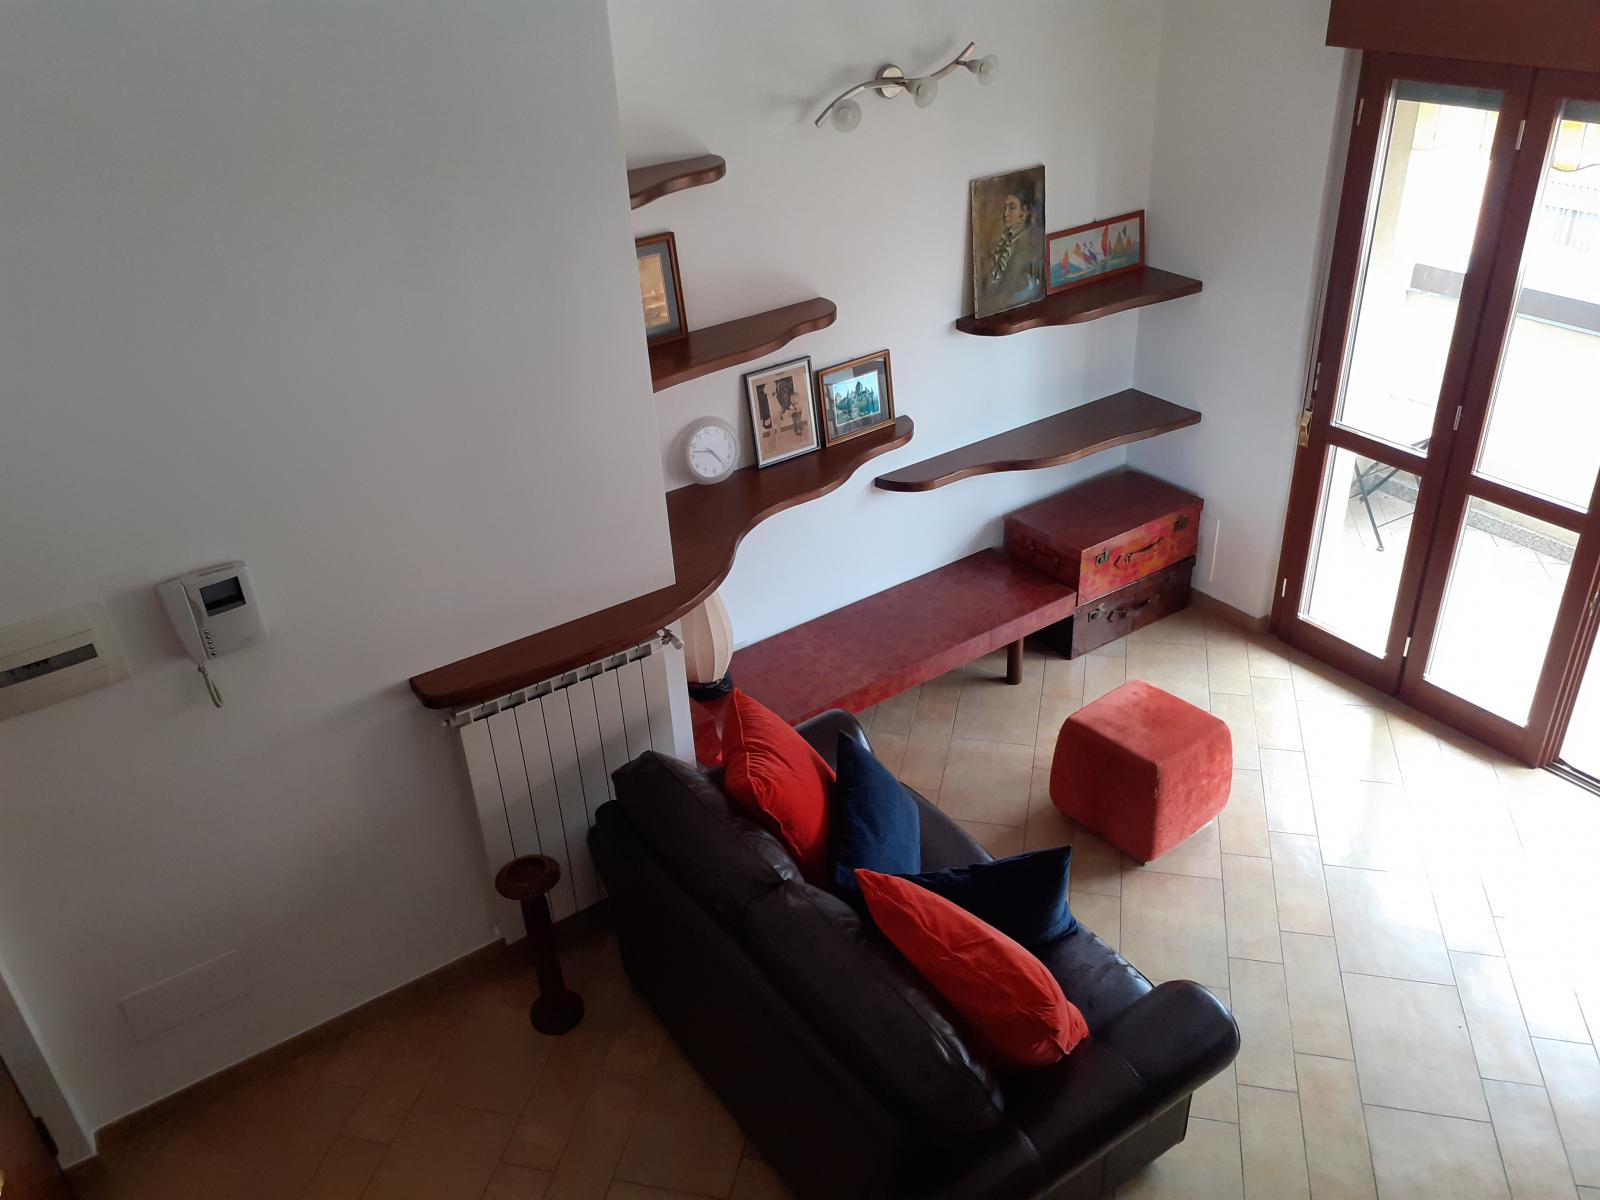 appartamento-in-vendita-bareggio-2-locali-bilocale-spaziourbano-immobiliare-vende-13